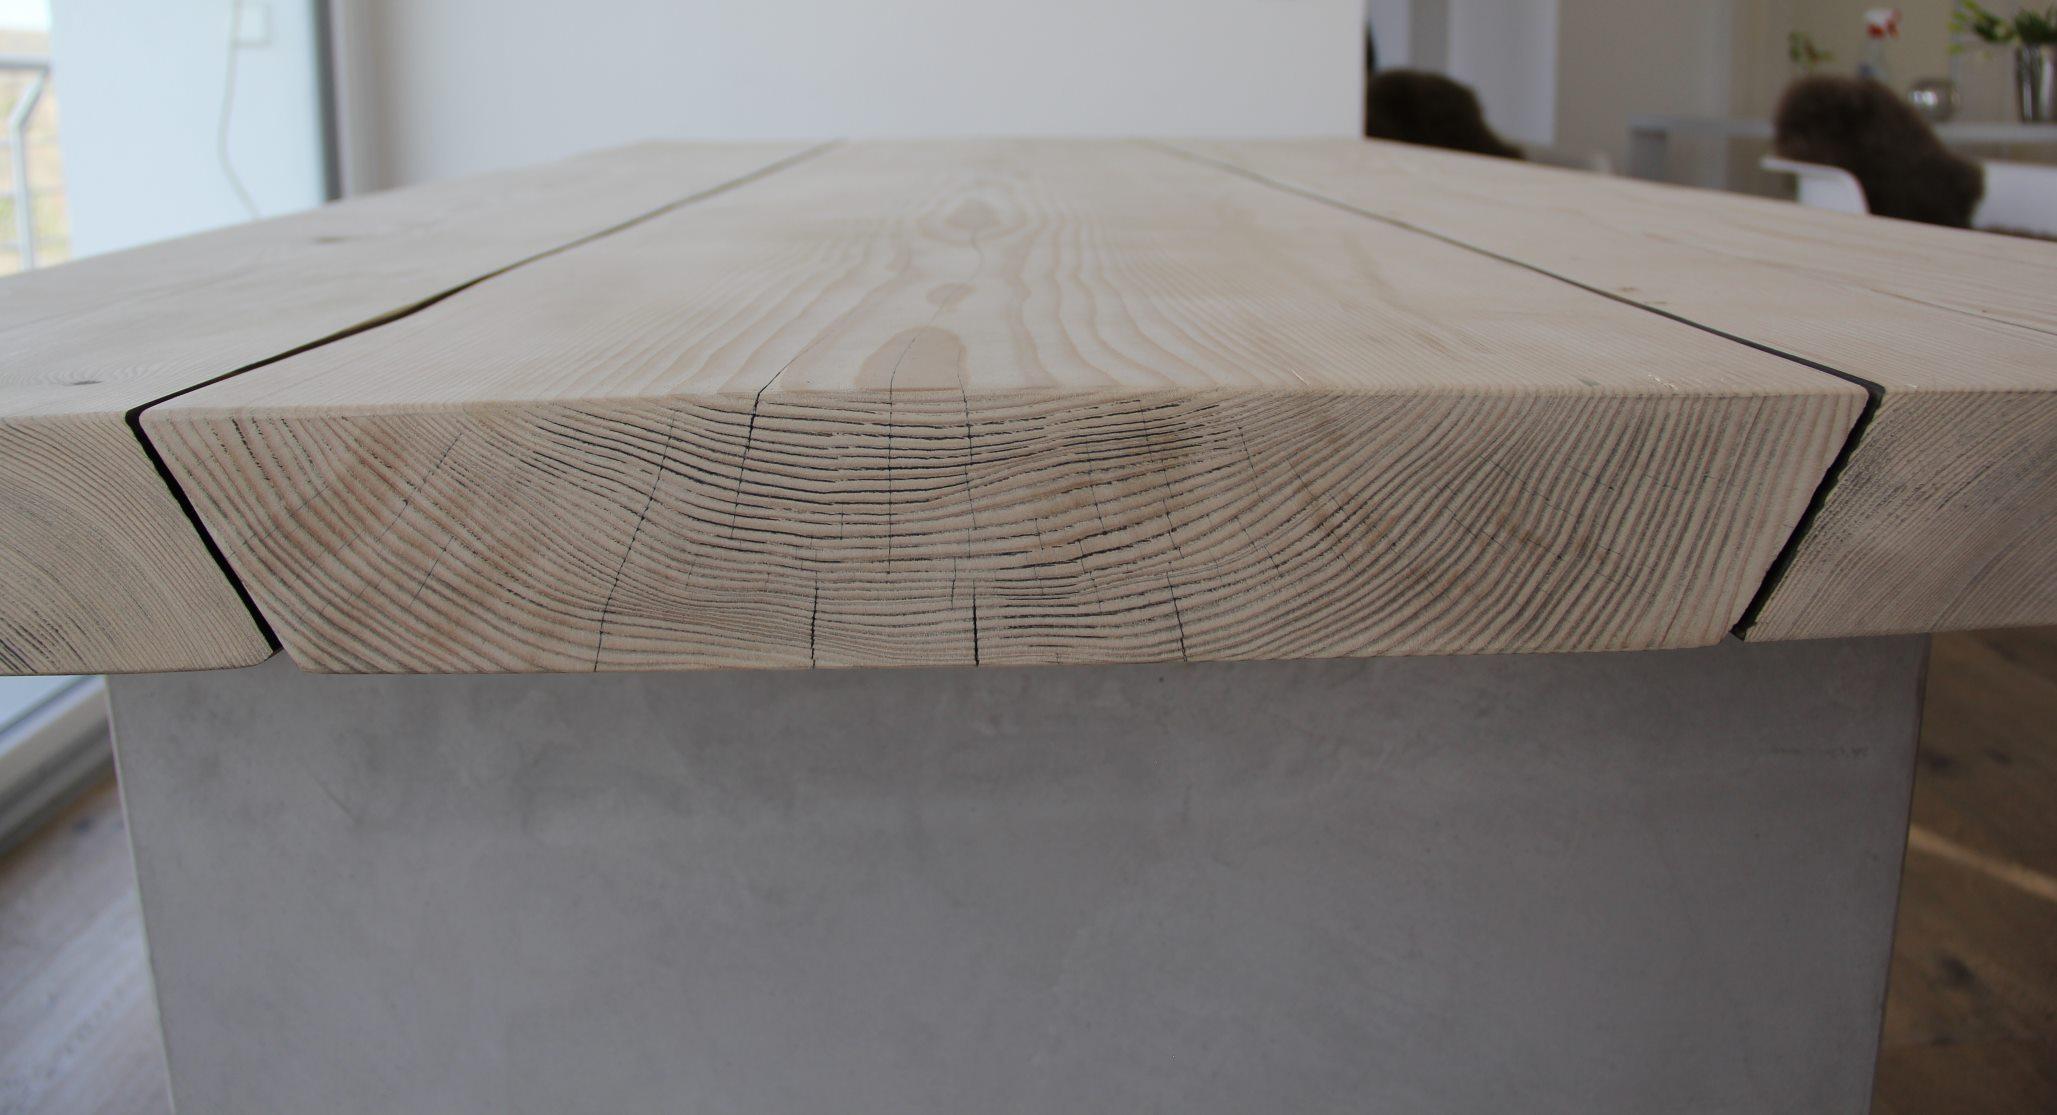 mainTisch-Beton-Tisch-Betontisch-massTisch-Schreibtisch-Esstisch-Kiefer Holz 5